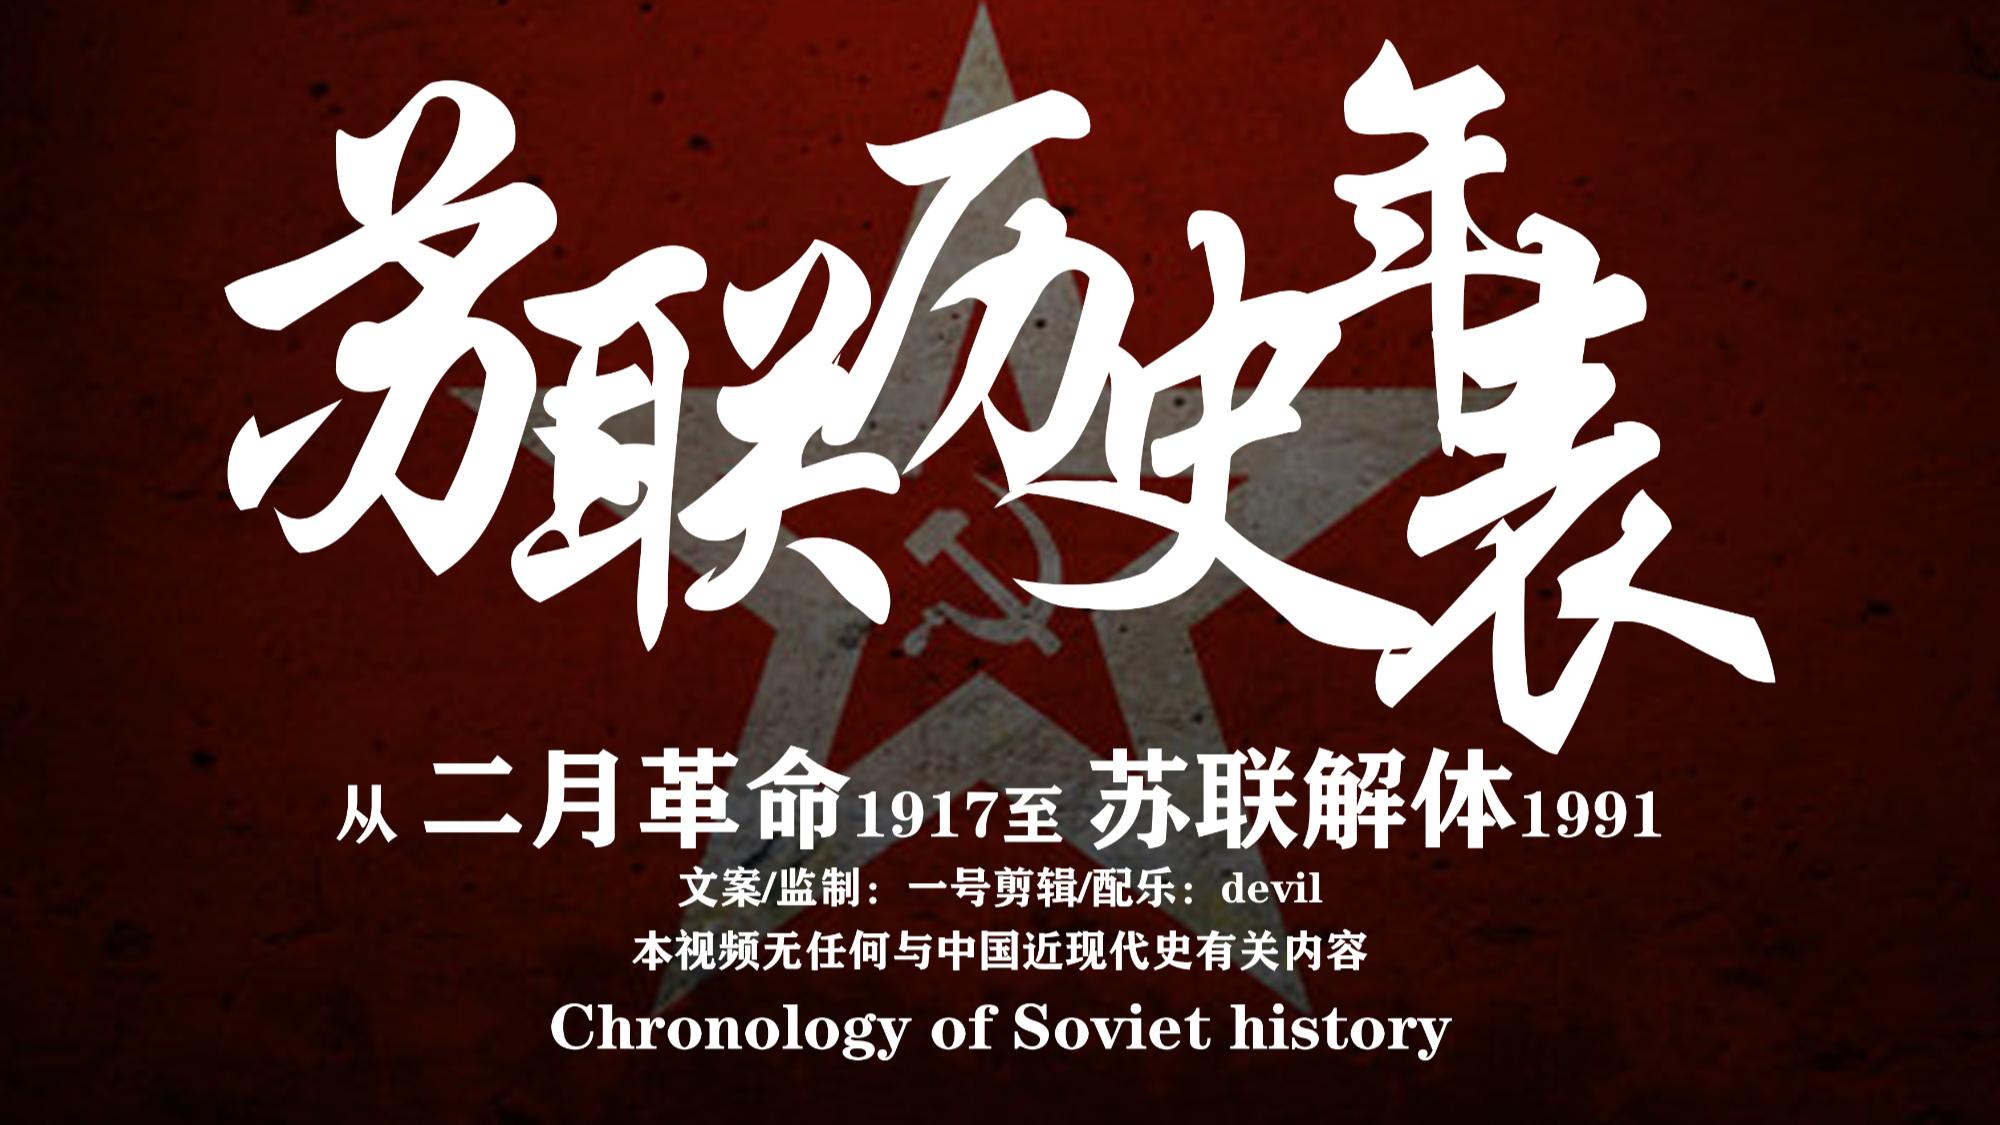 泪目!苏联历史年表,领路导师,红色巨人!